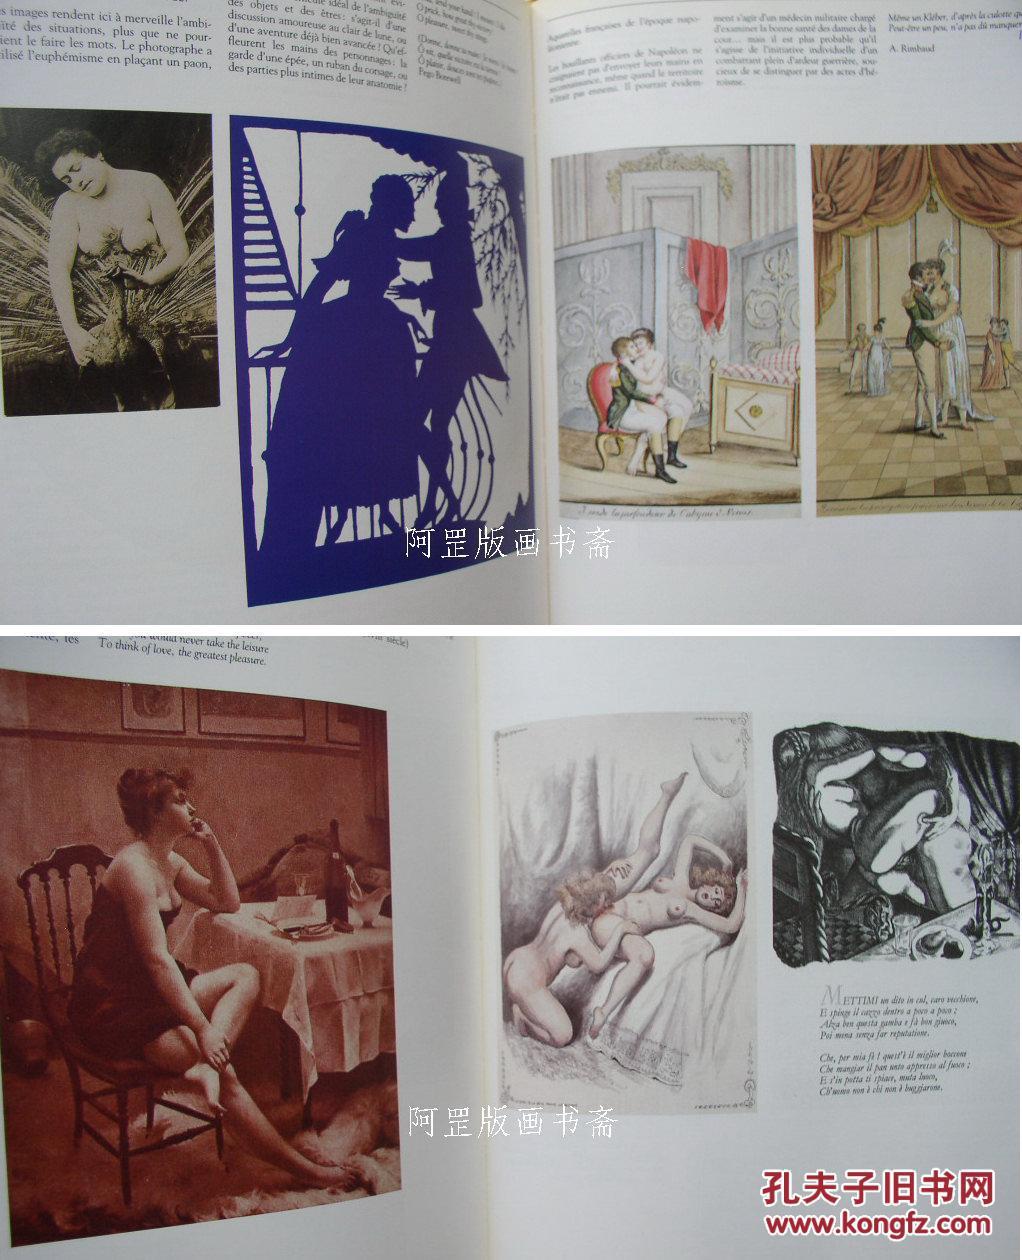 情色艺木中���-yol_《感官中的情色艺术》欧洲历代风月插画版画素描摄影作品集泽蒂拜劳斯